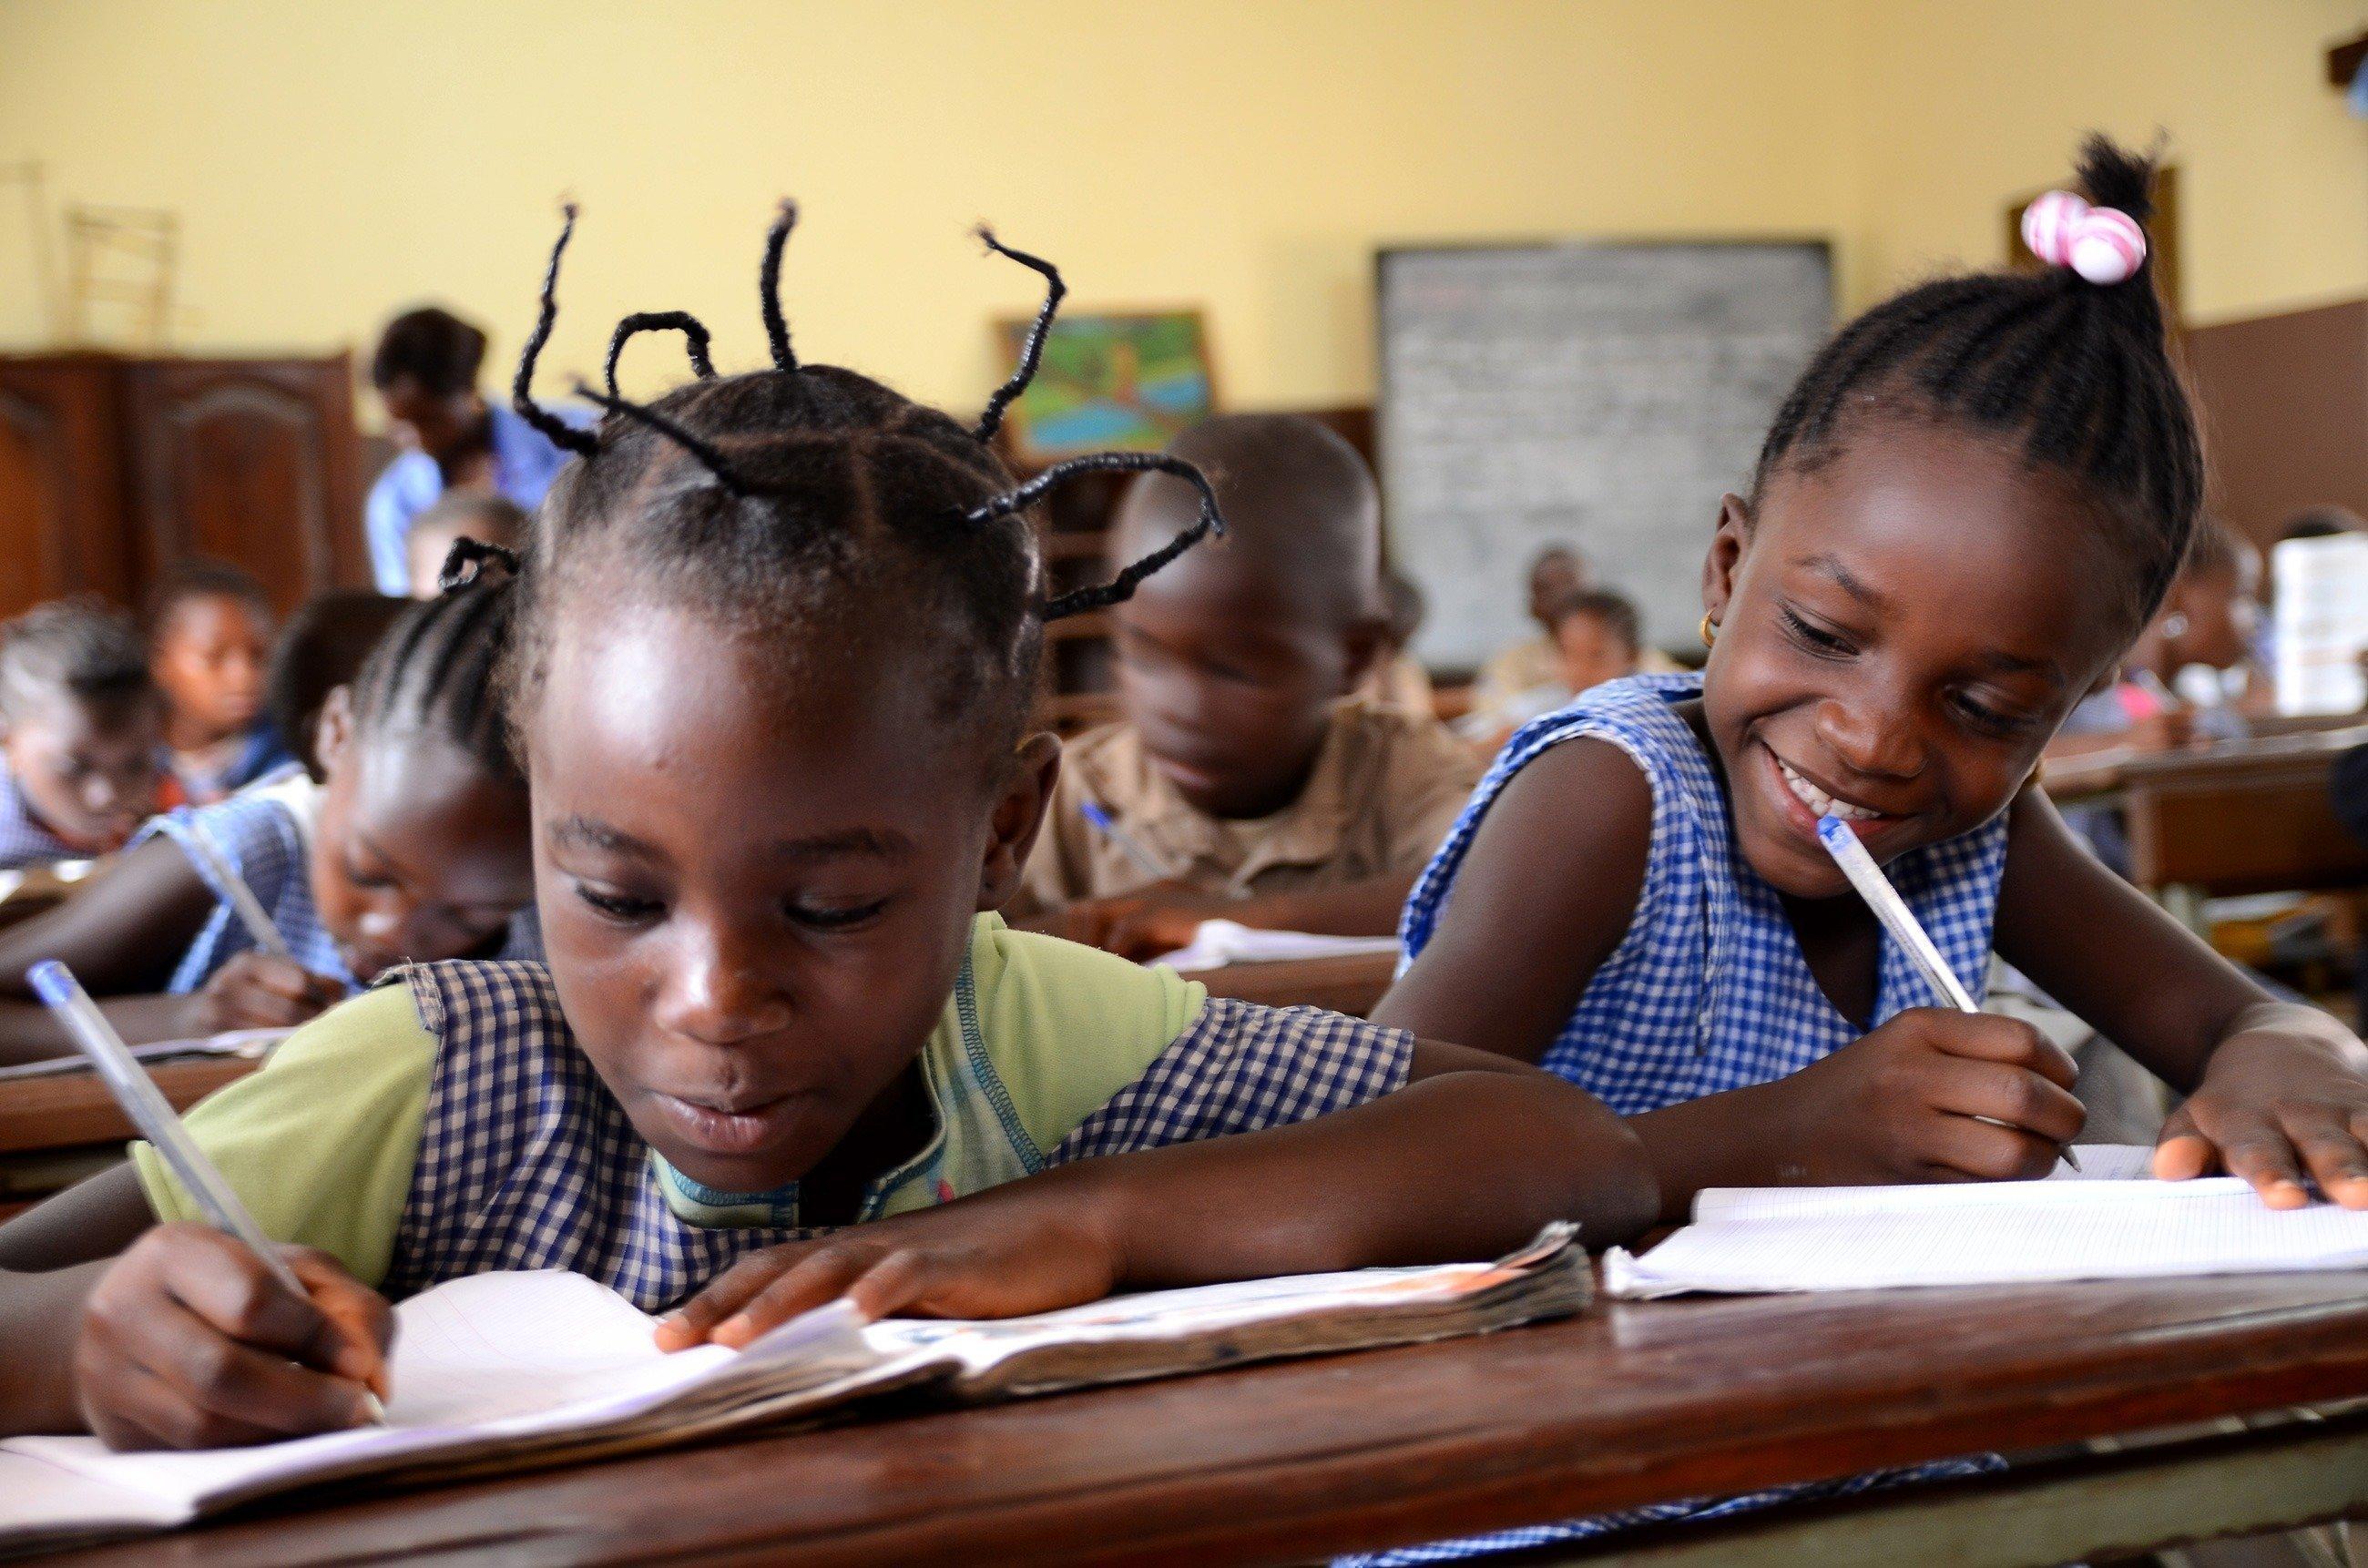 Zwei Mädchen in der Schule.